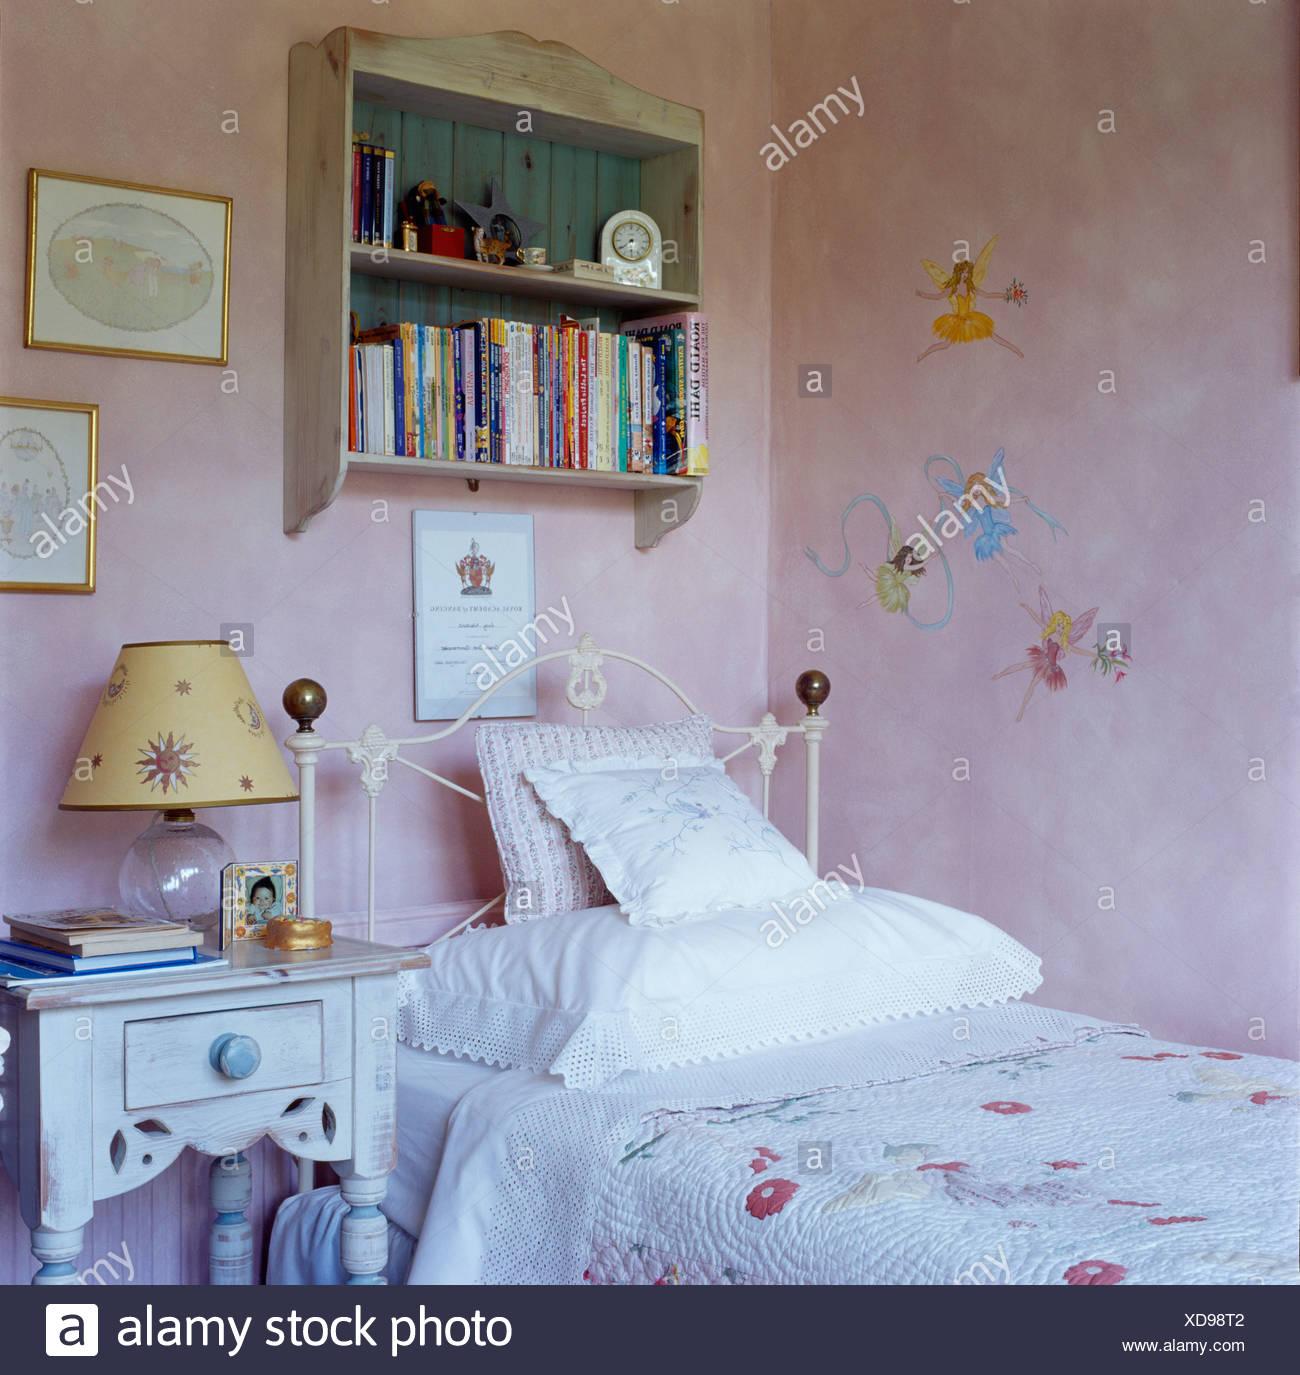 https www alamyimages fr petites etageres mural au dessus de lit en fer forge blanc enfant en chambre rose avec des fees peintes sur les murs image283560930 html